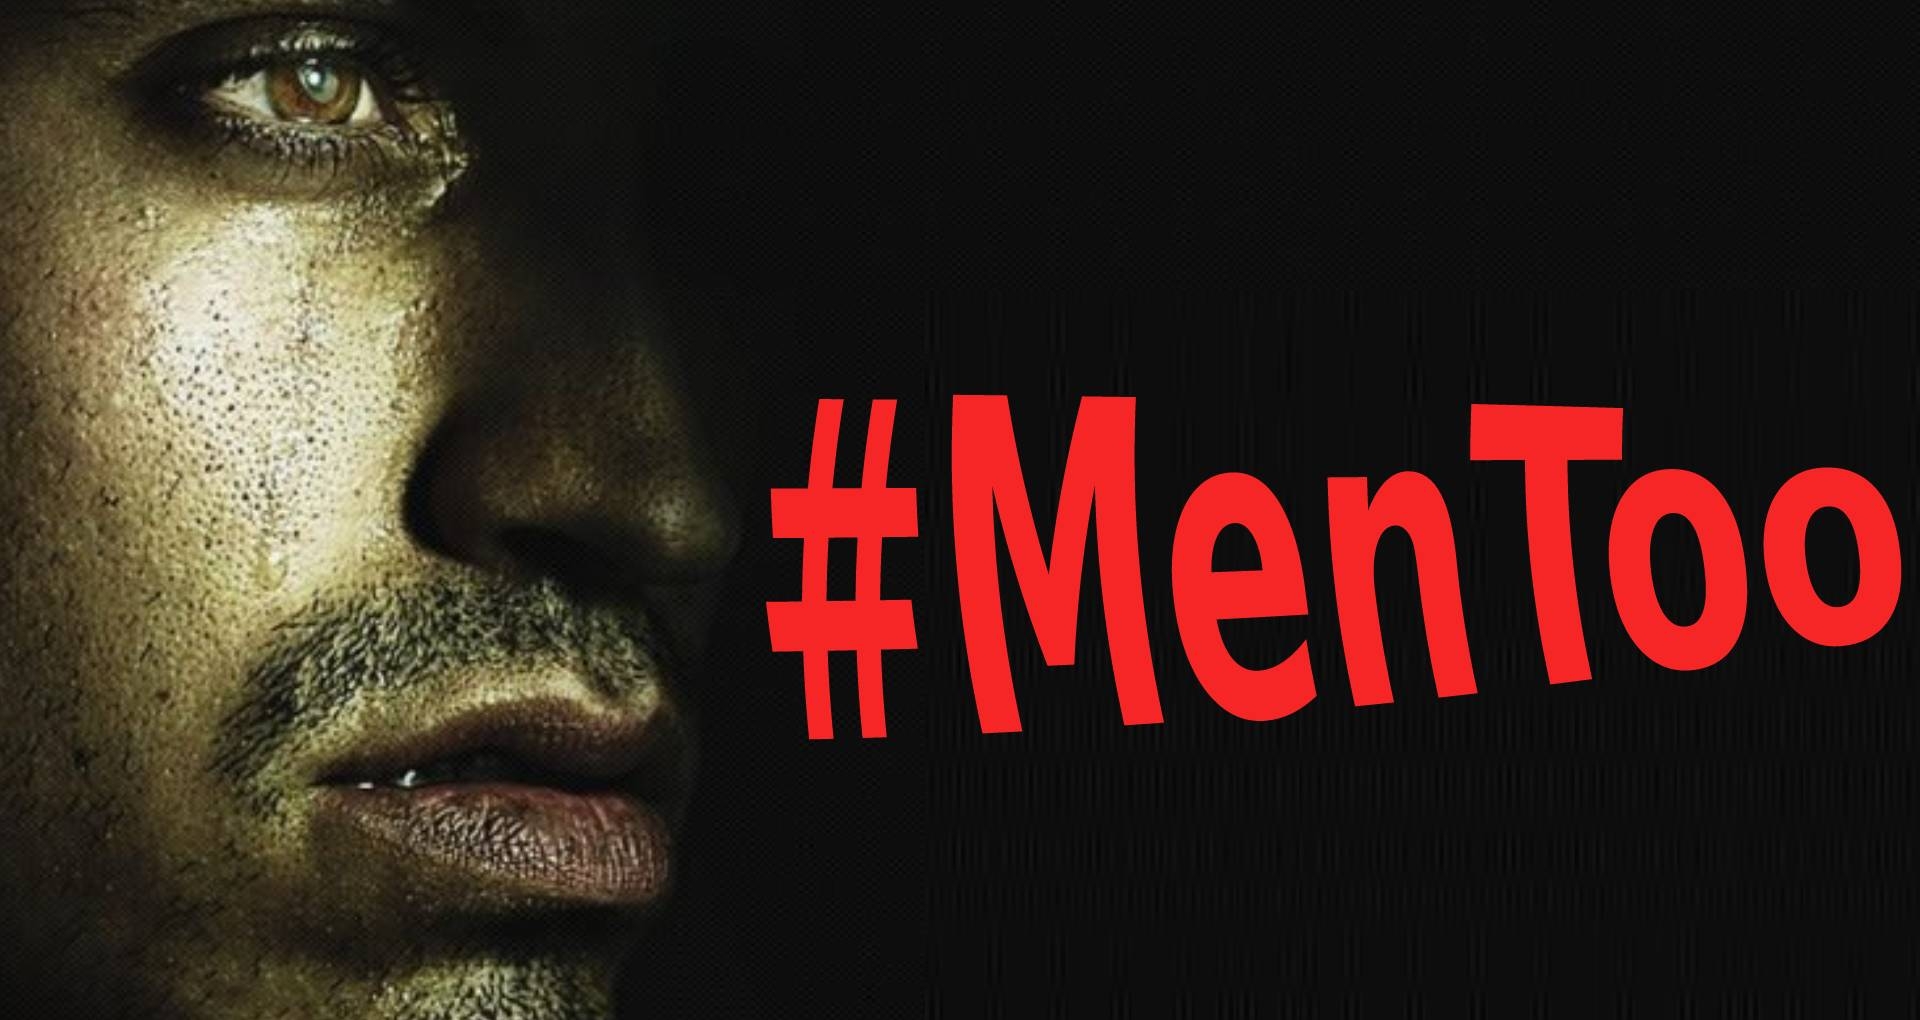 MenToo Movement: मैन टू मूवमेंट के लिए सोशल मीडिया पर लोग हुए एकजुट, उठी पुरुषों को अधिकार देने की मांग